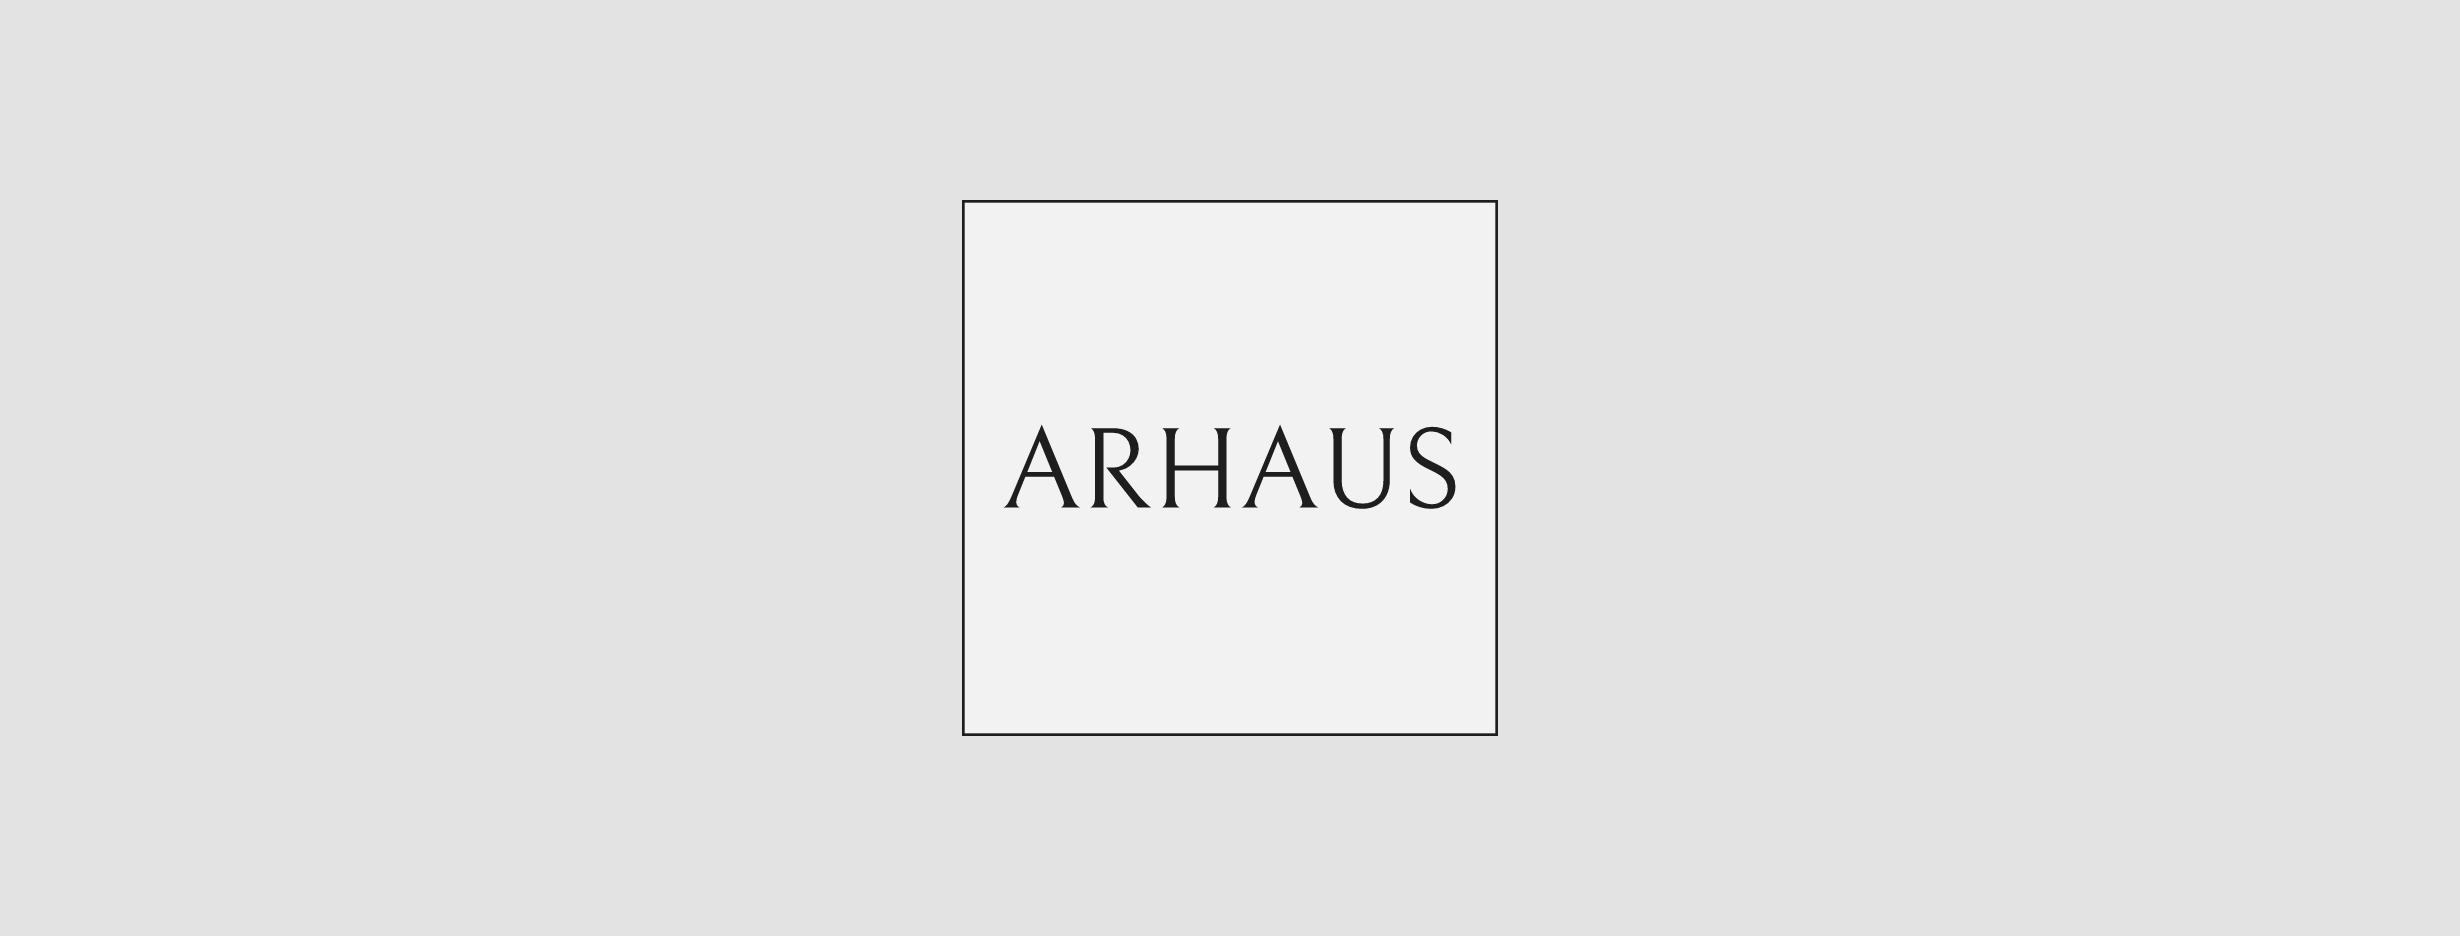 (c) Arhaus.ru